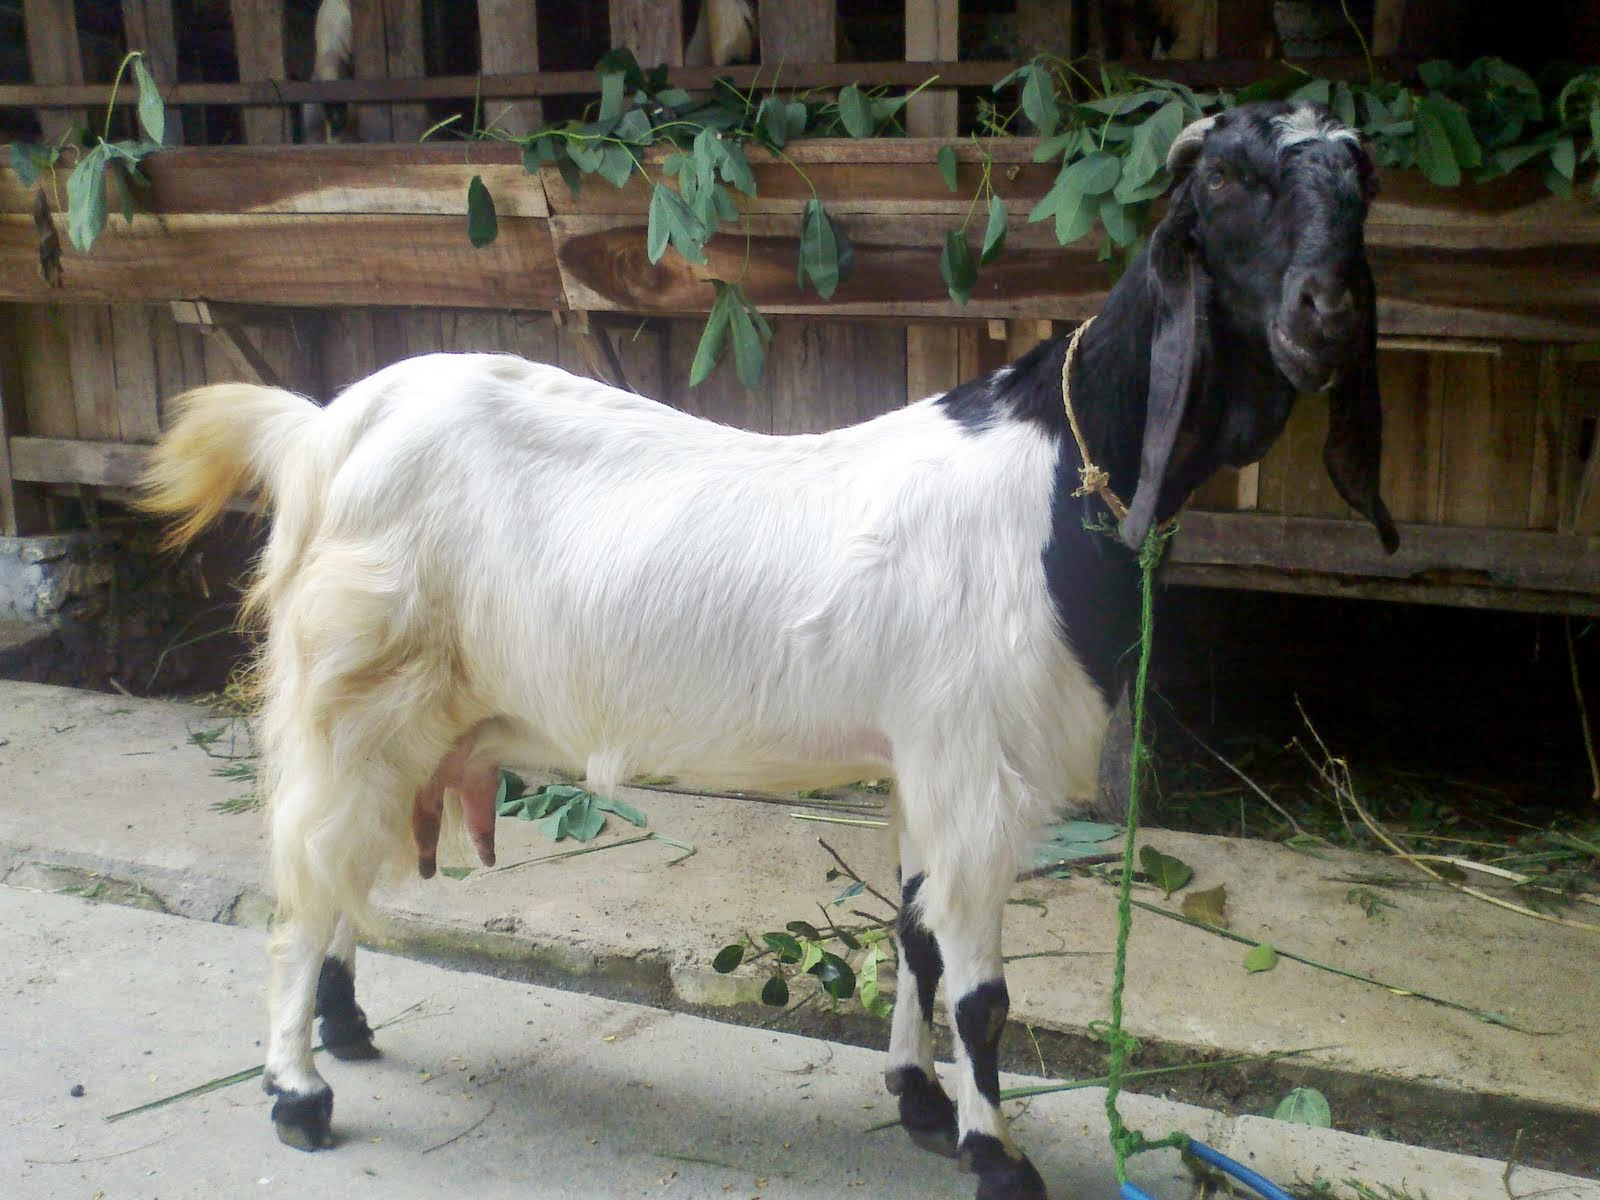 http://ternakpertama.blogspot.com/2014/11/penyakit-paling-sering-terjadi-pada.html